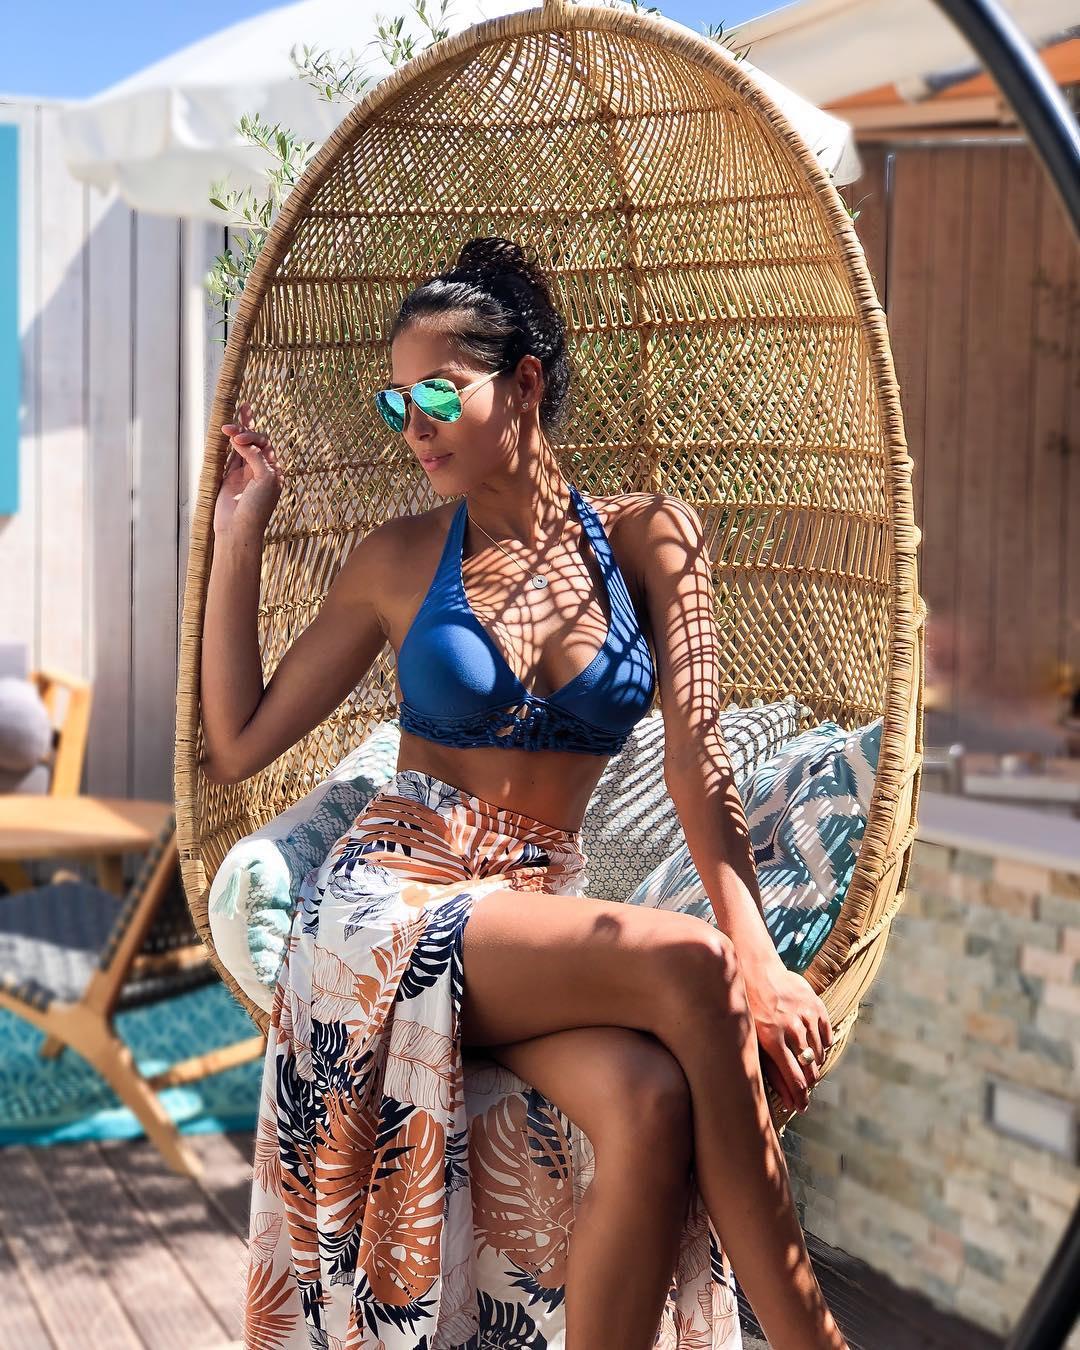 Hagda Prata en jupe fendue et bikini